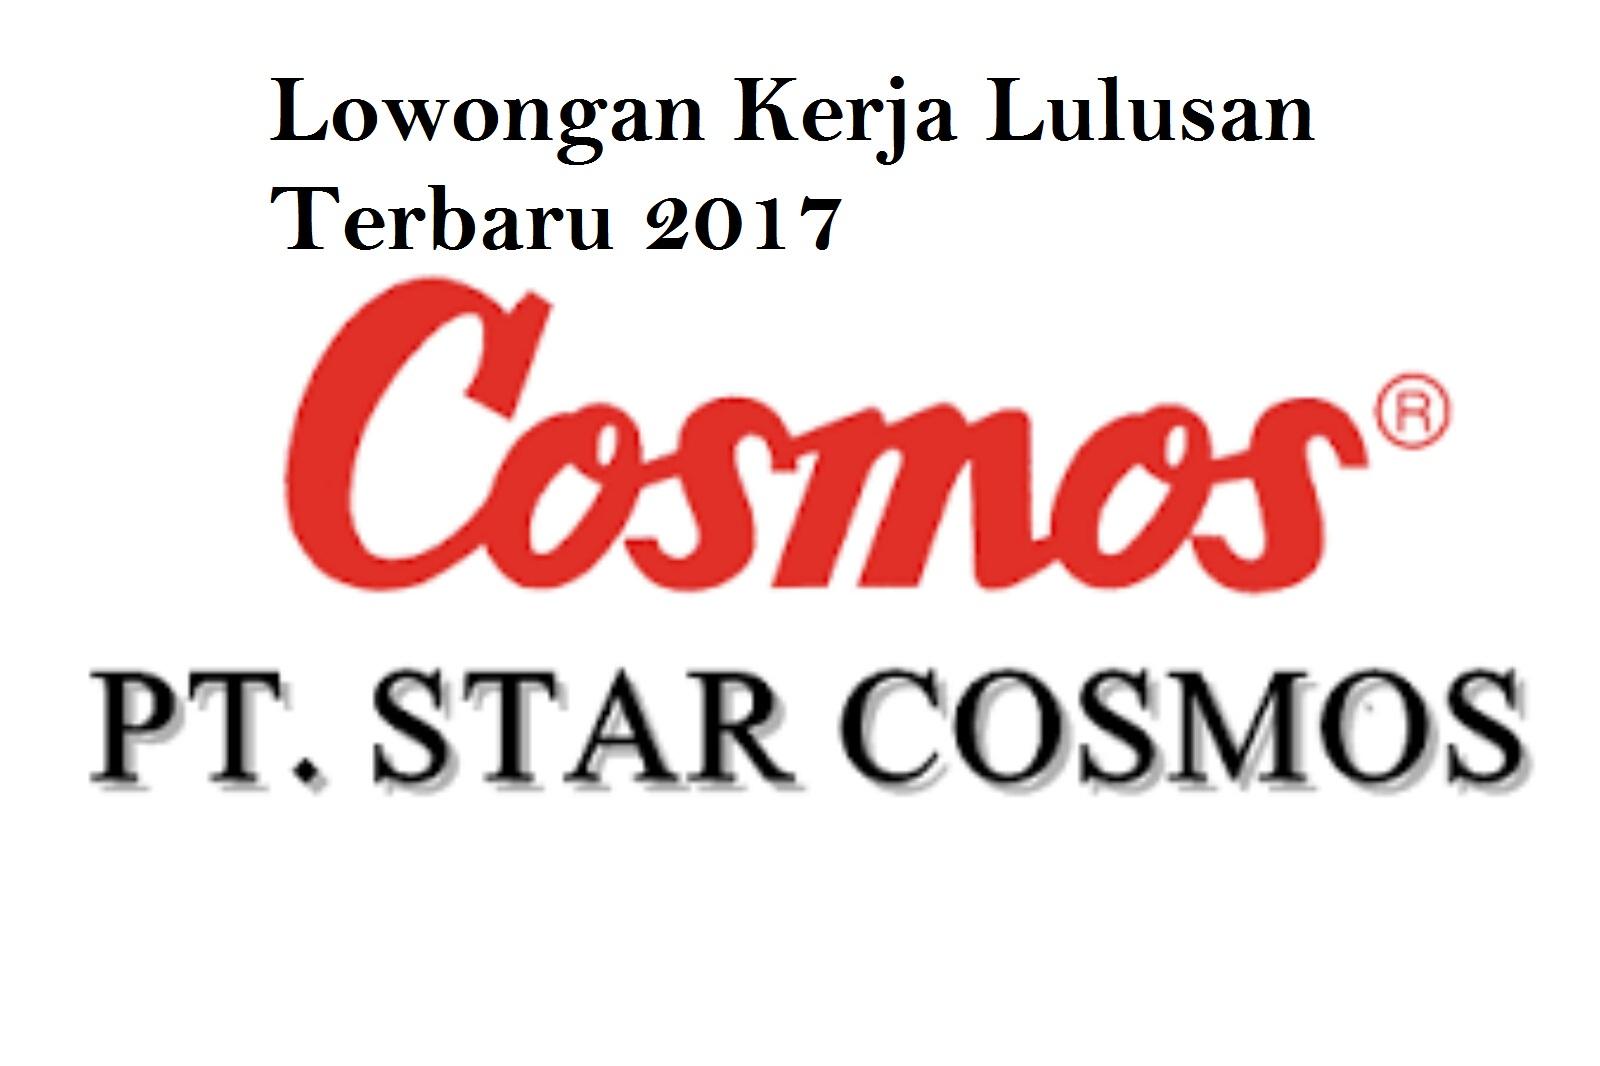 PT STAR COSMOS INDONESIA - Membuka Lowongan Kerja Bulan Agustus 2017